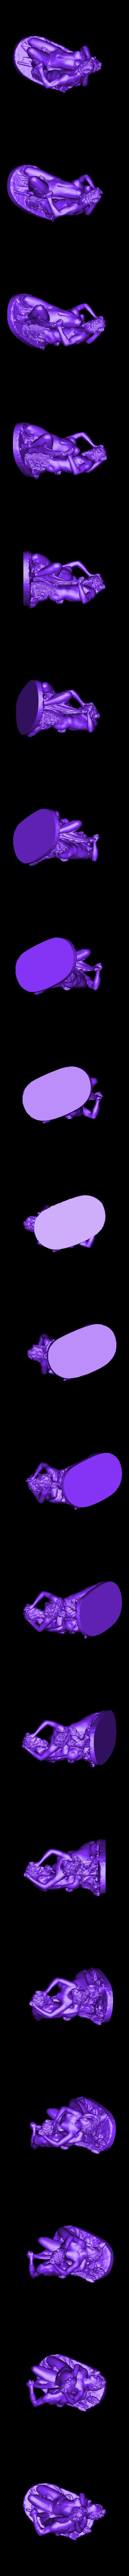 louvre-satyre-and-bacchante-1.stl Télécharger fichier STL gratuit Satyre et Bacchante au Louvre, Paris • Plan pour impression 3D, Louvre